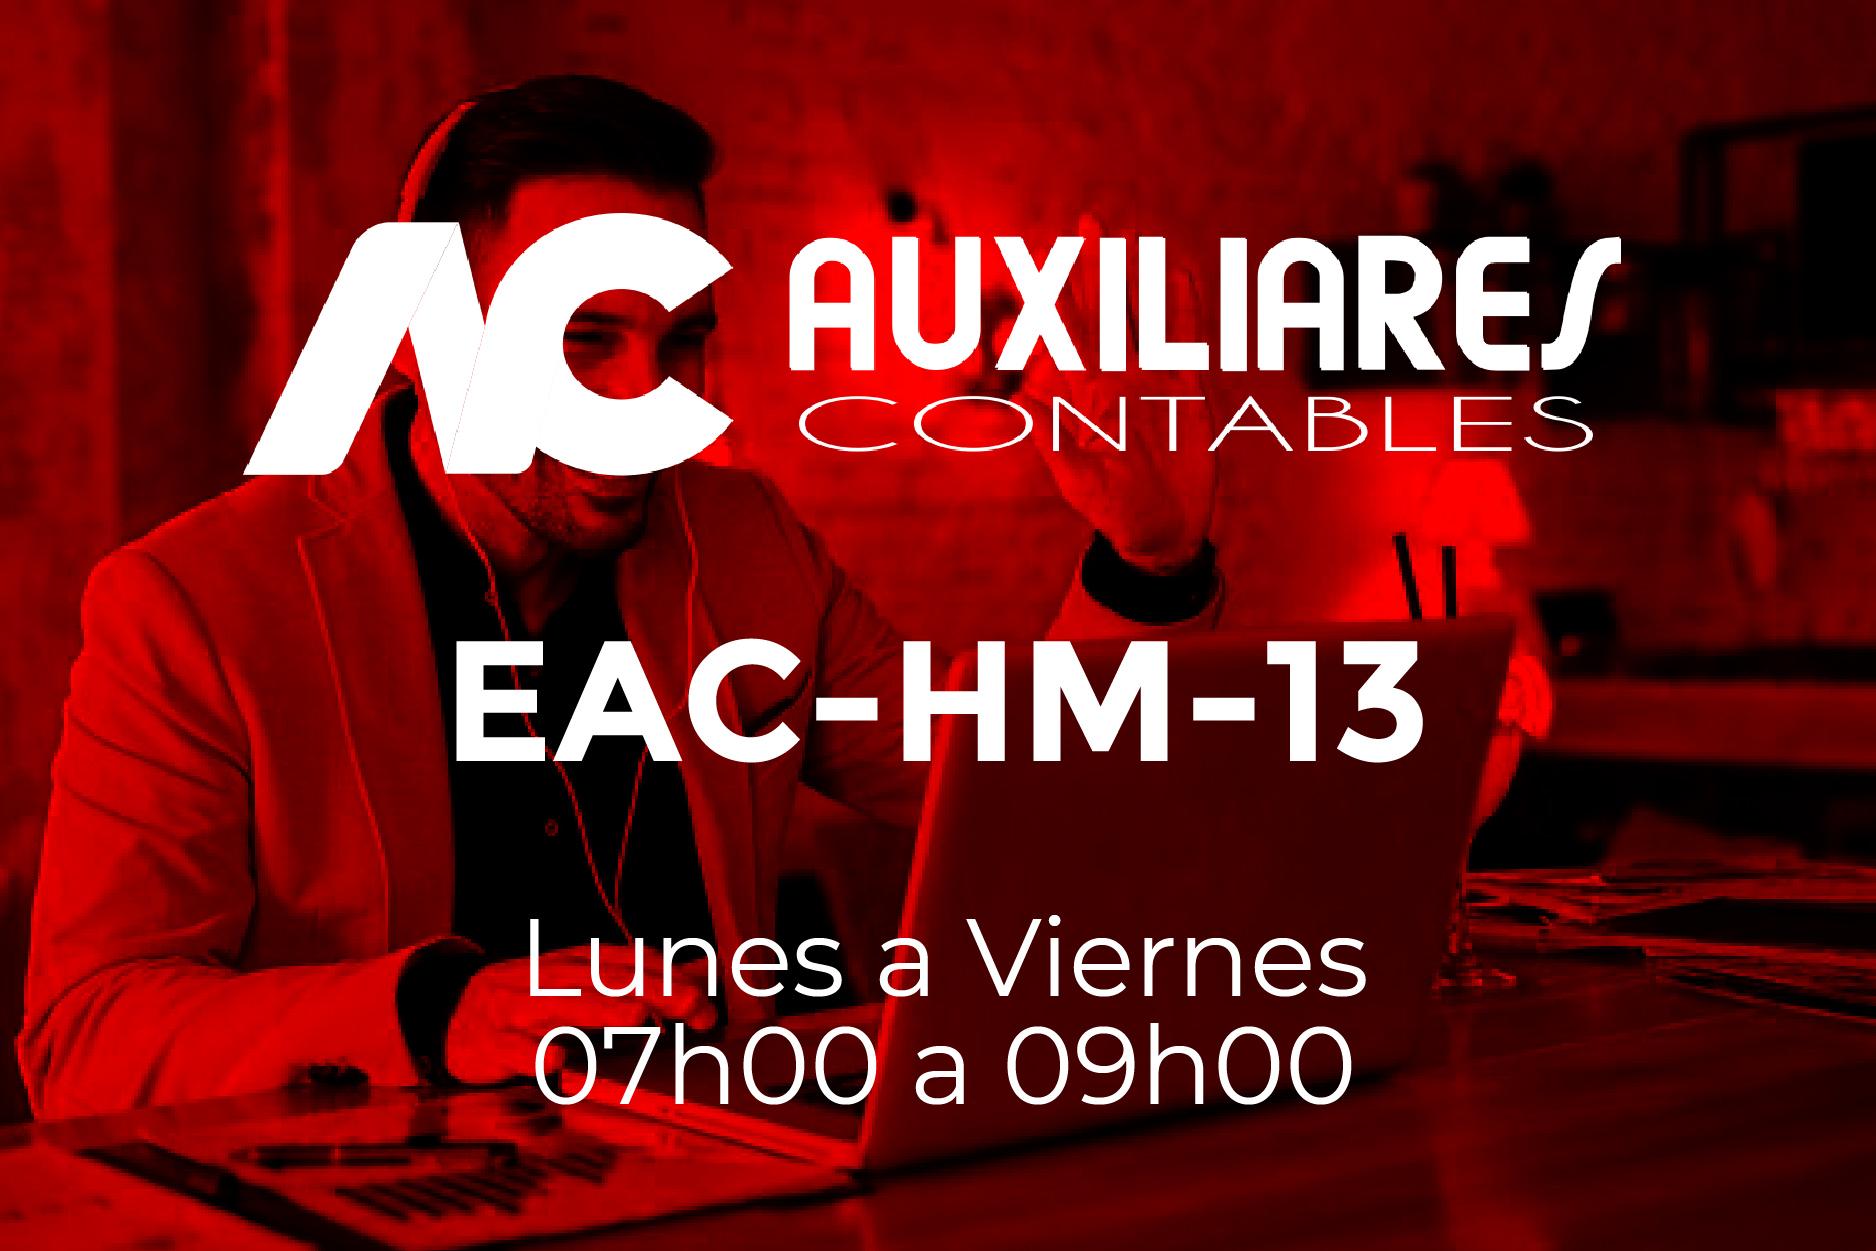 13 - AUXILIARES CONTABLES - LUNES A VIERNES - 07:00 A 09:00